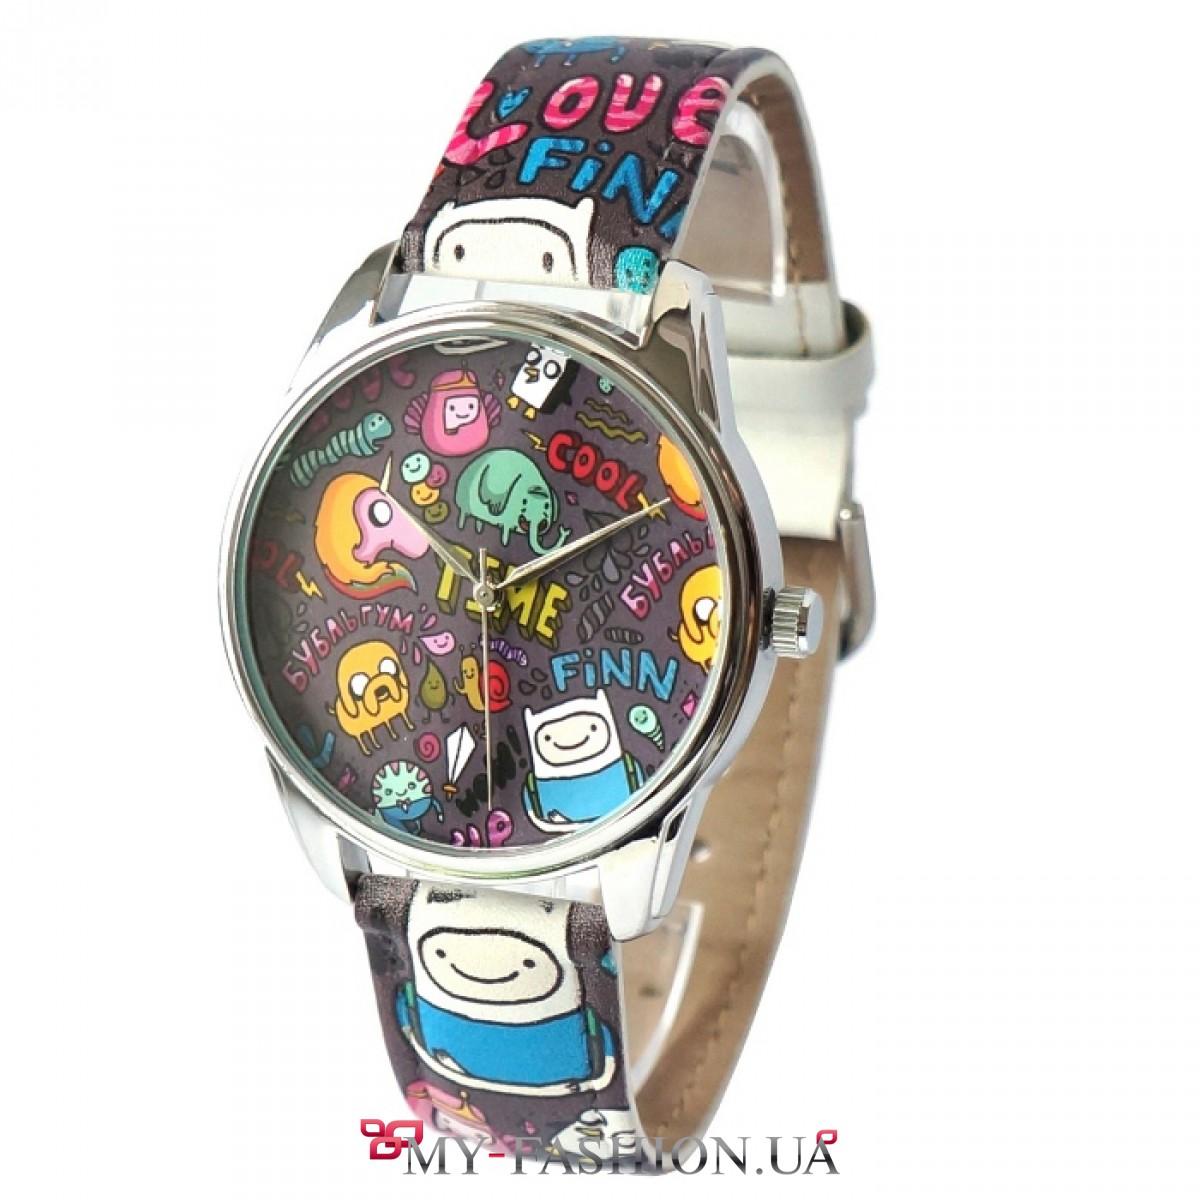 купить часы авторские часы часы унисекс модные часы купить киев ... 226852b6250